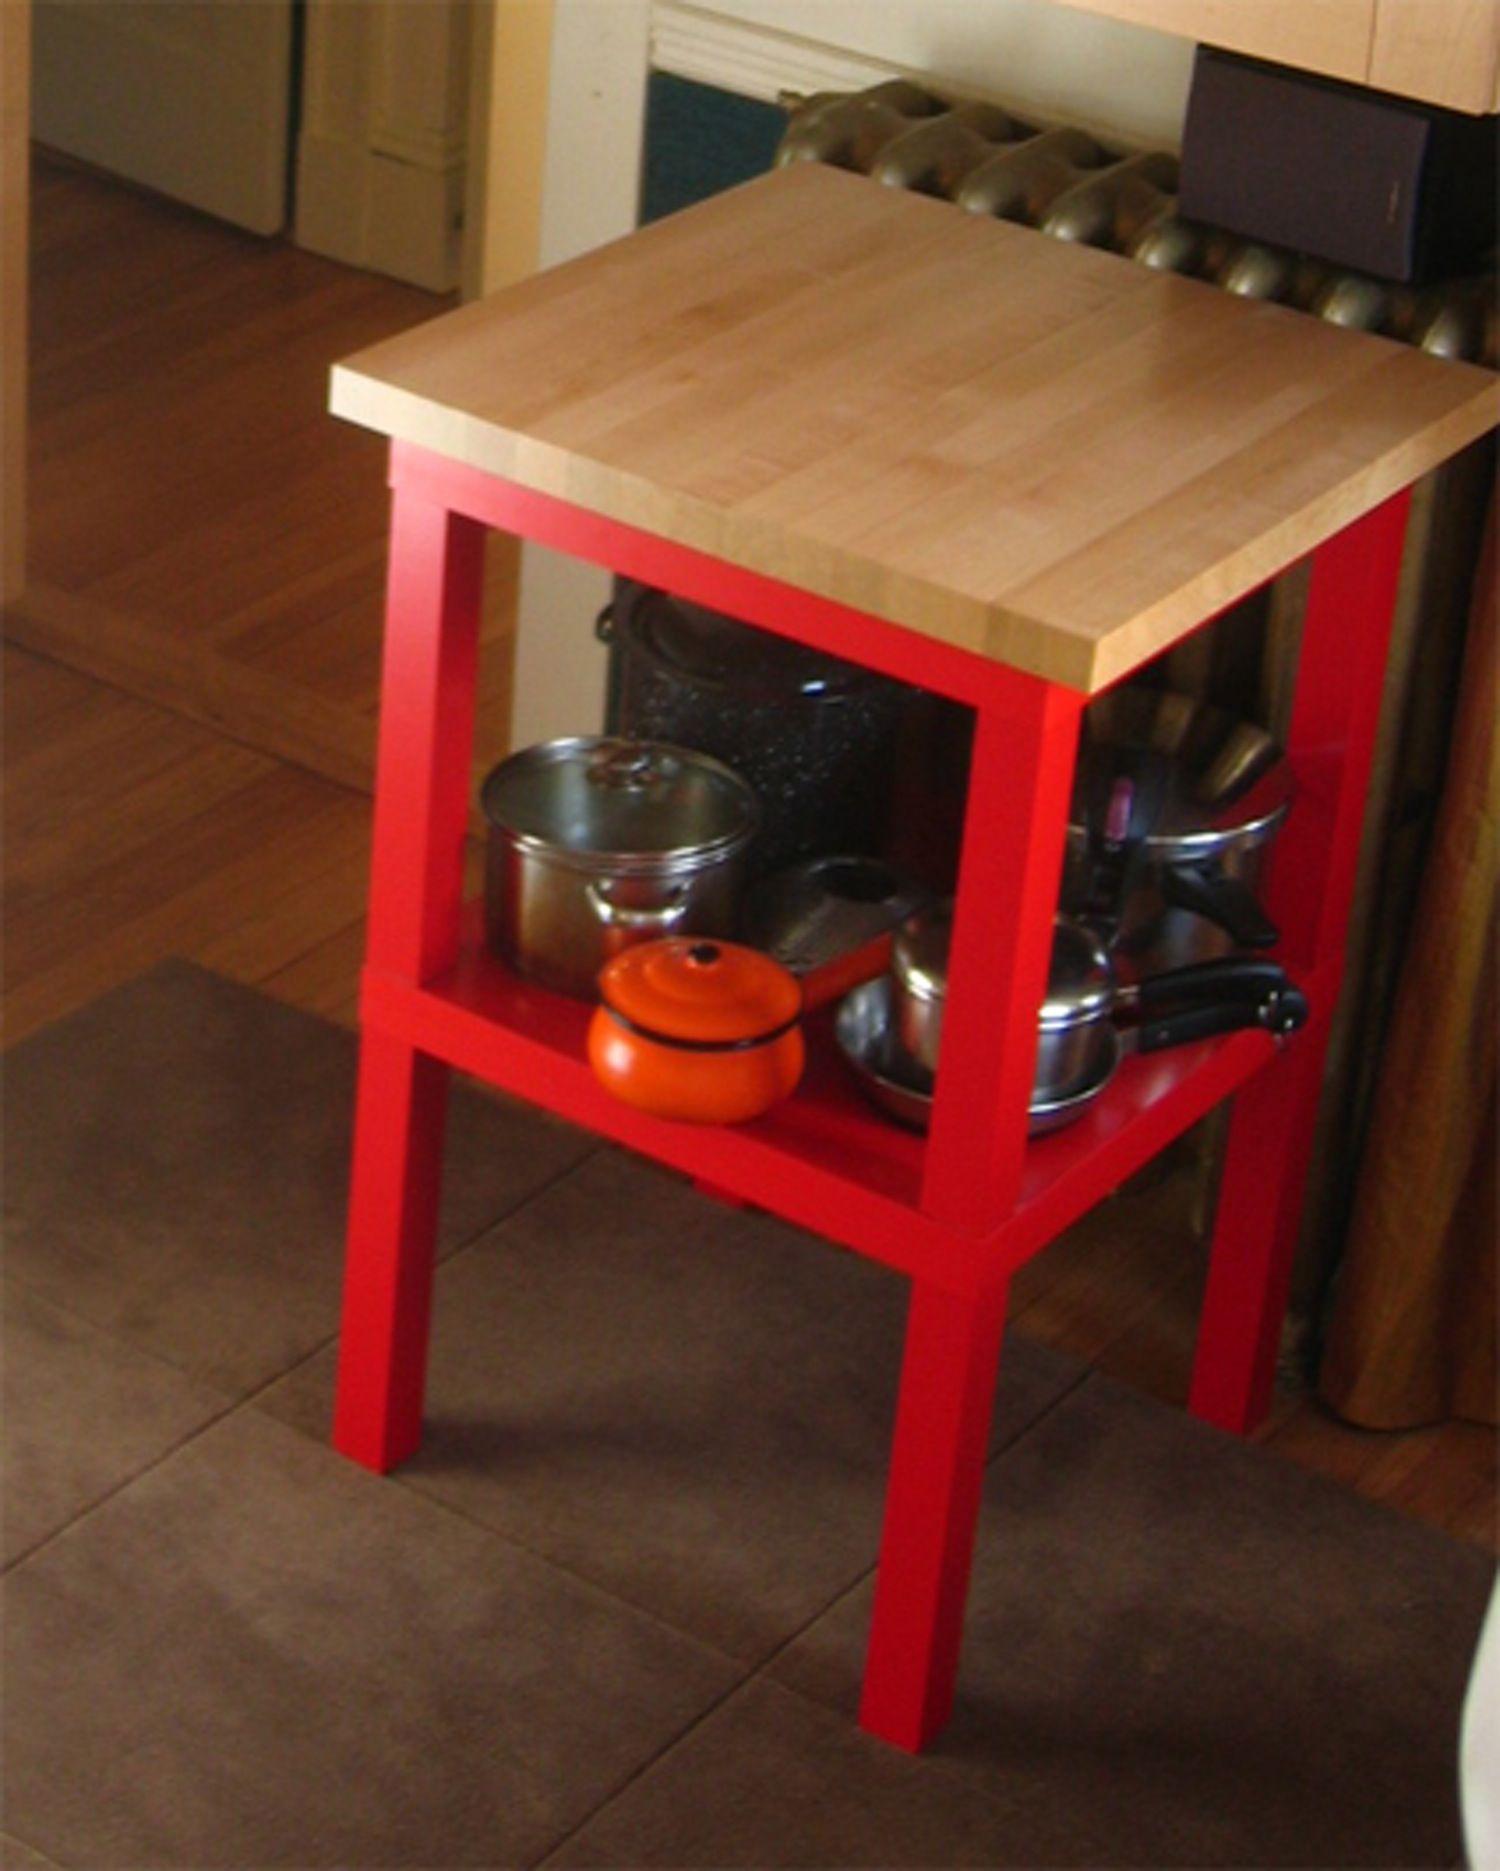 How To Make A Kitchen Island With Ikea Lack Tables Mit Bildern Kucheninsel Ikea Mangel Tisch Ikea Mangel